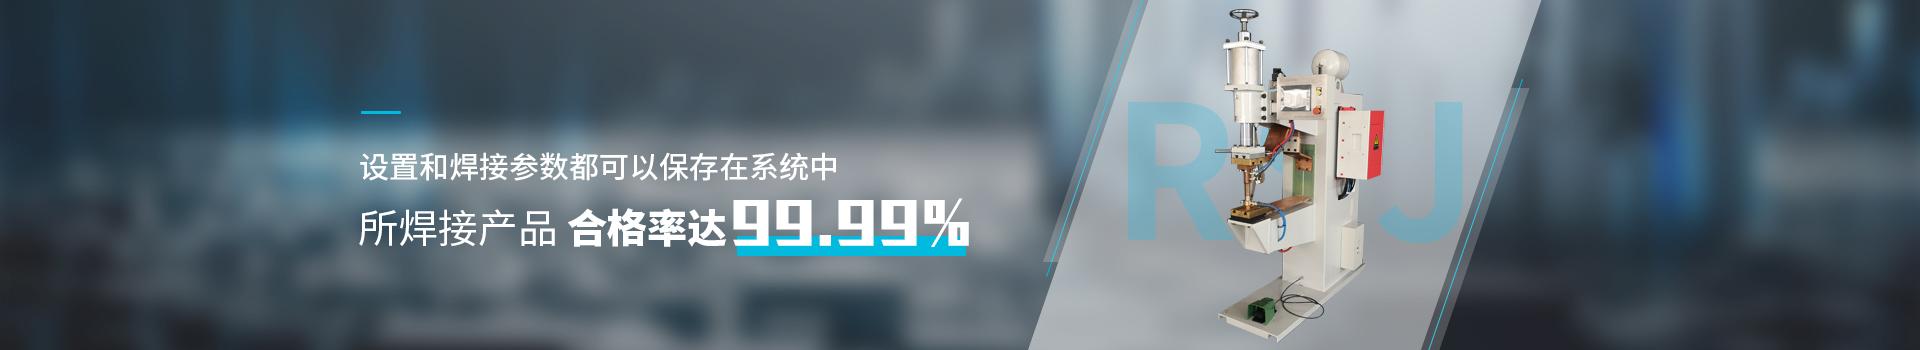 点焊机设备      设置和焊接参数都可以保存在系统中       所焊接产品合格率达99.99%